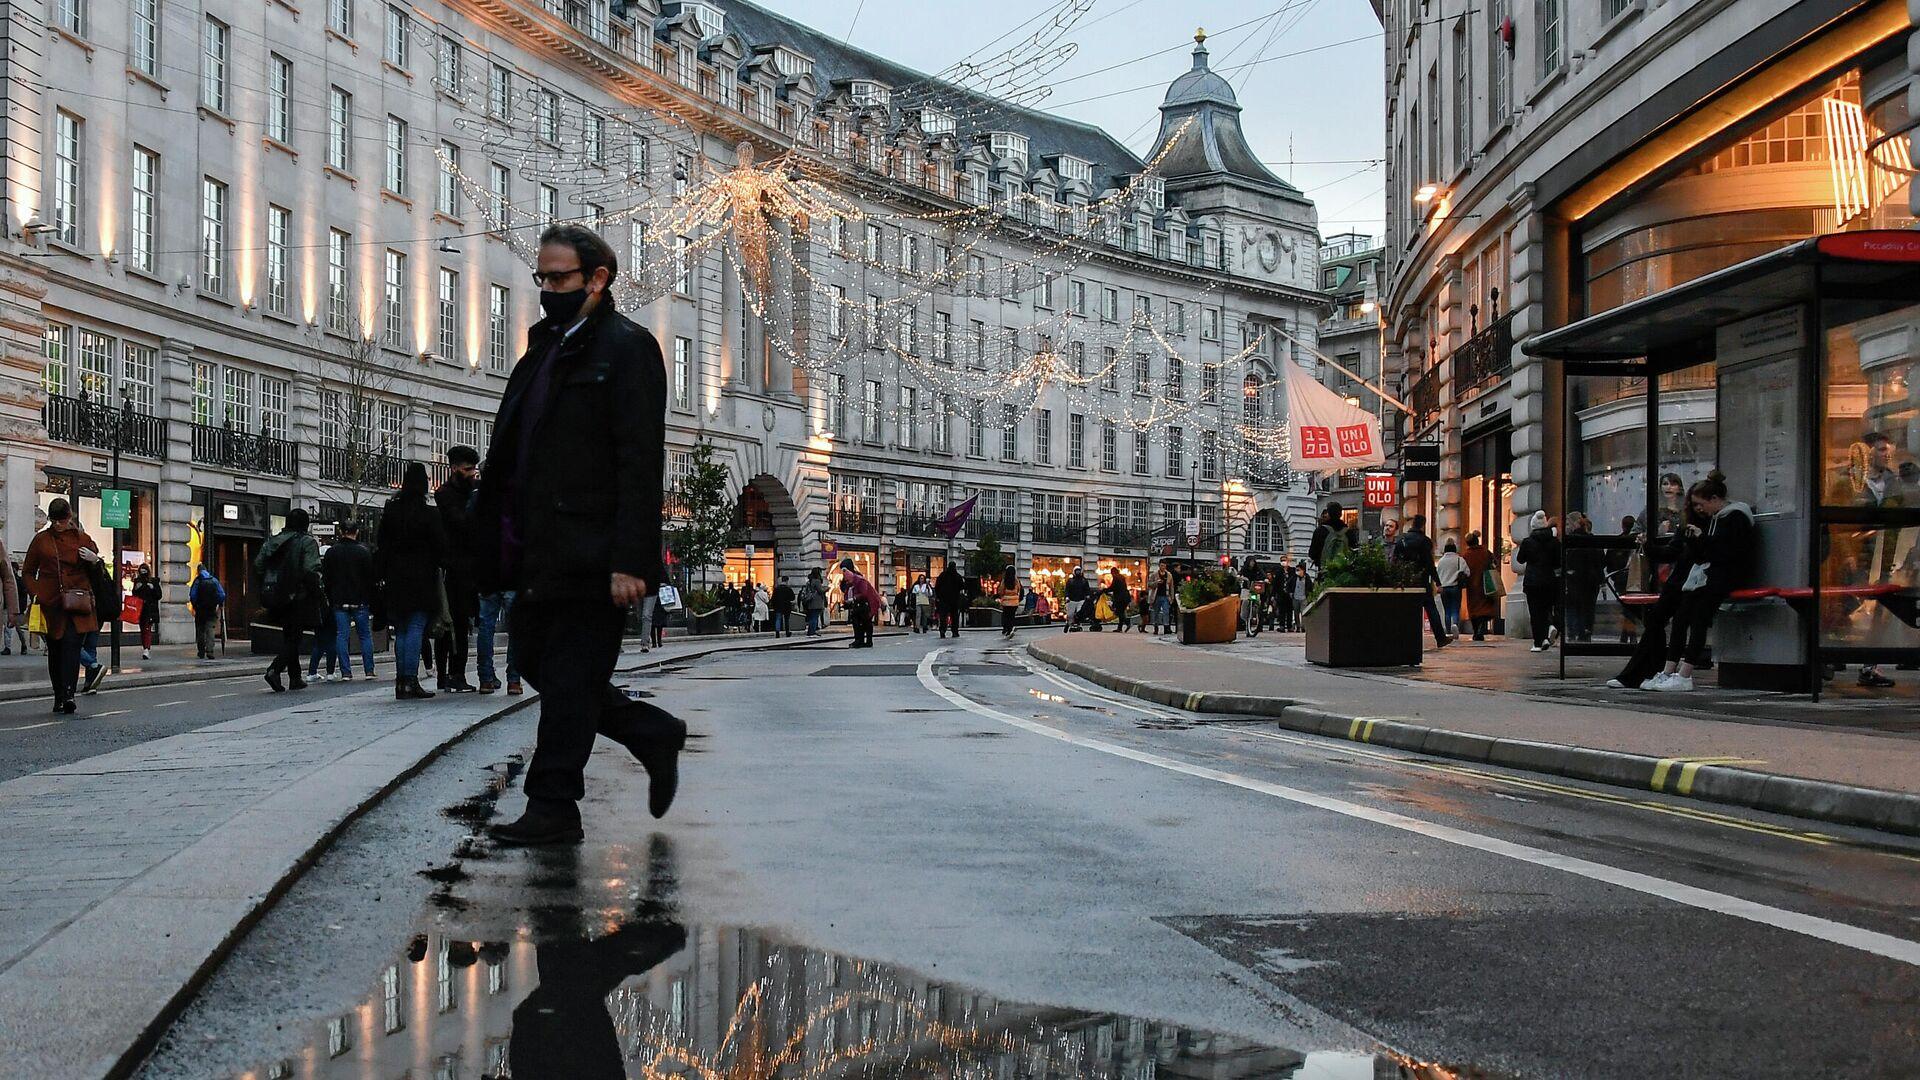 Люди на Риджент-стрит в Лондоне - РИА Новости, 1920, 21.12.2020